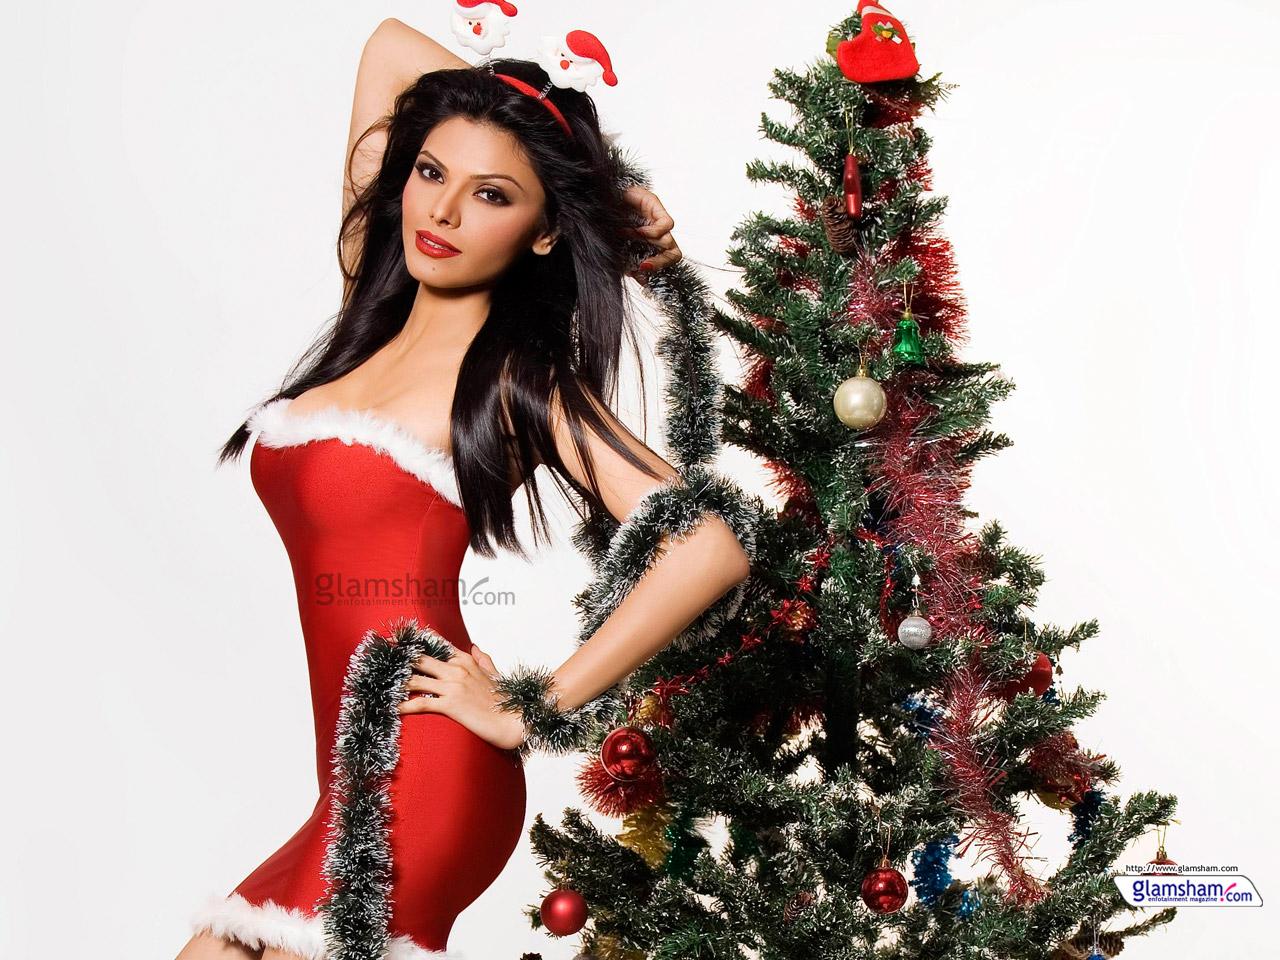 Bollywood babes celebrate Christmas - Glamsham